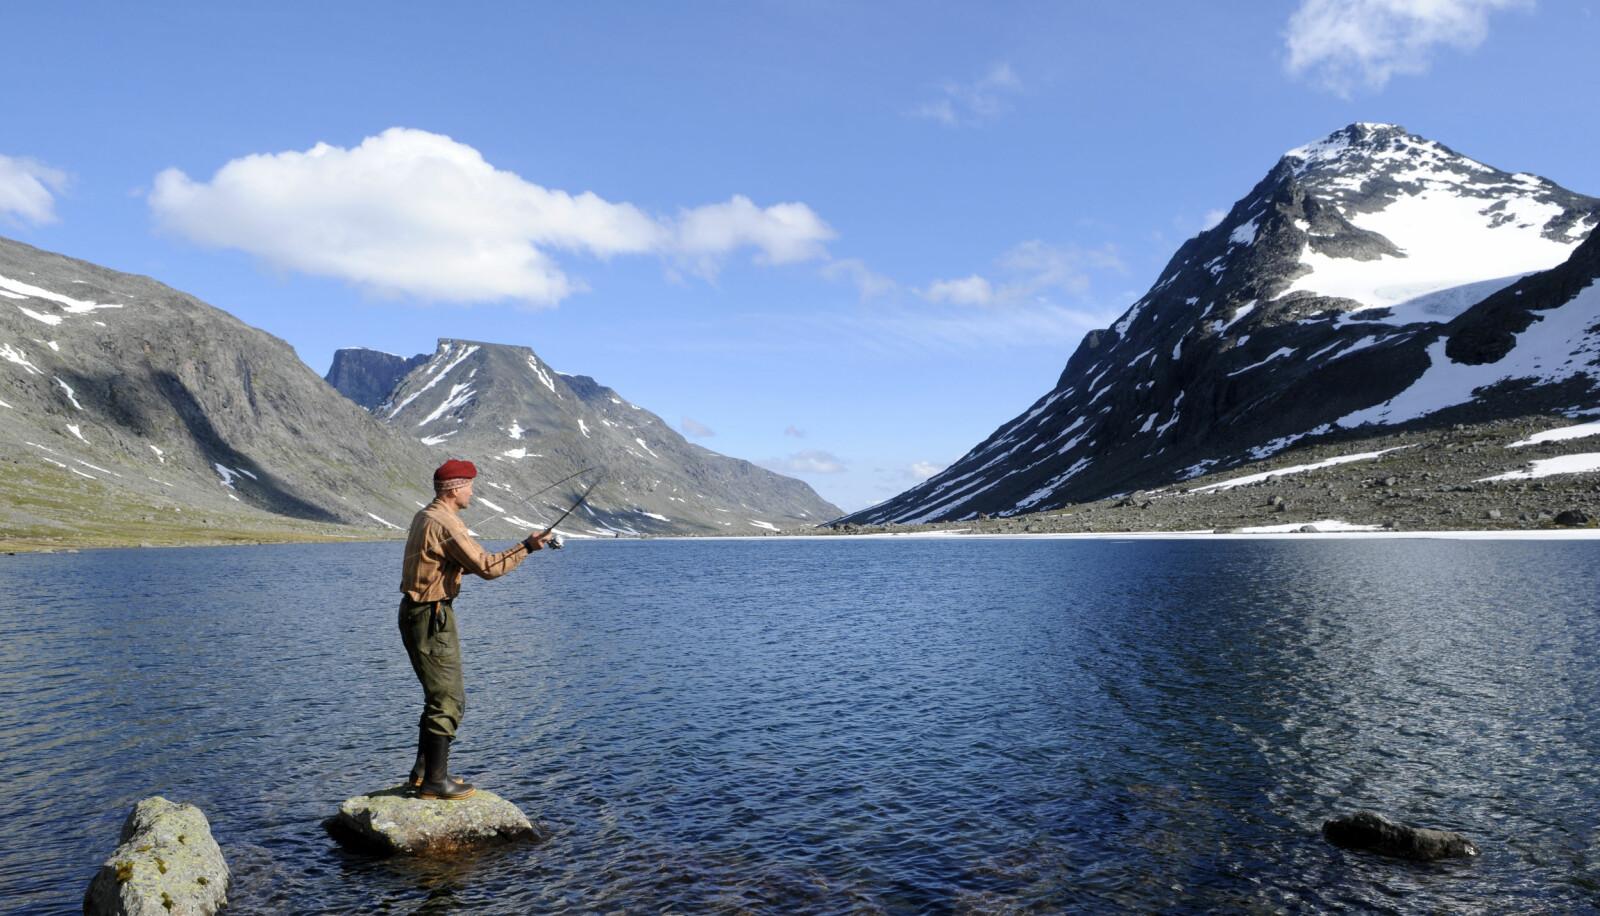 <b>FERIEFISKE:</b> For den som vil fiske ørret, er Norge et fantastisk ferieland! Den vakre naturen får du på kjøpet. Bildet er fra Jotunheimen.